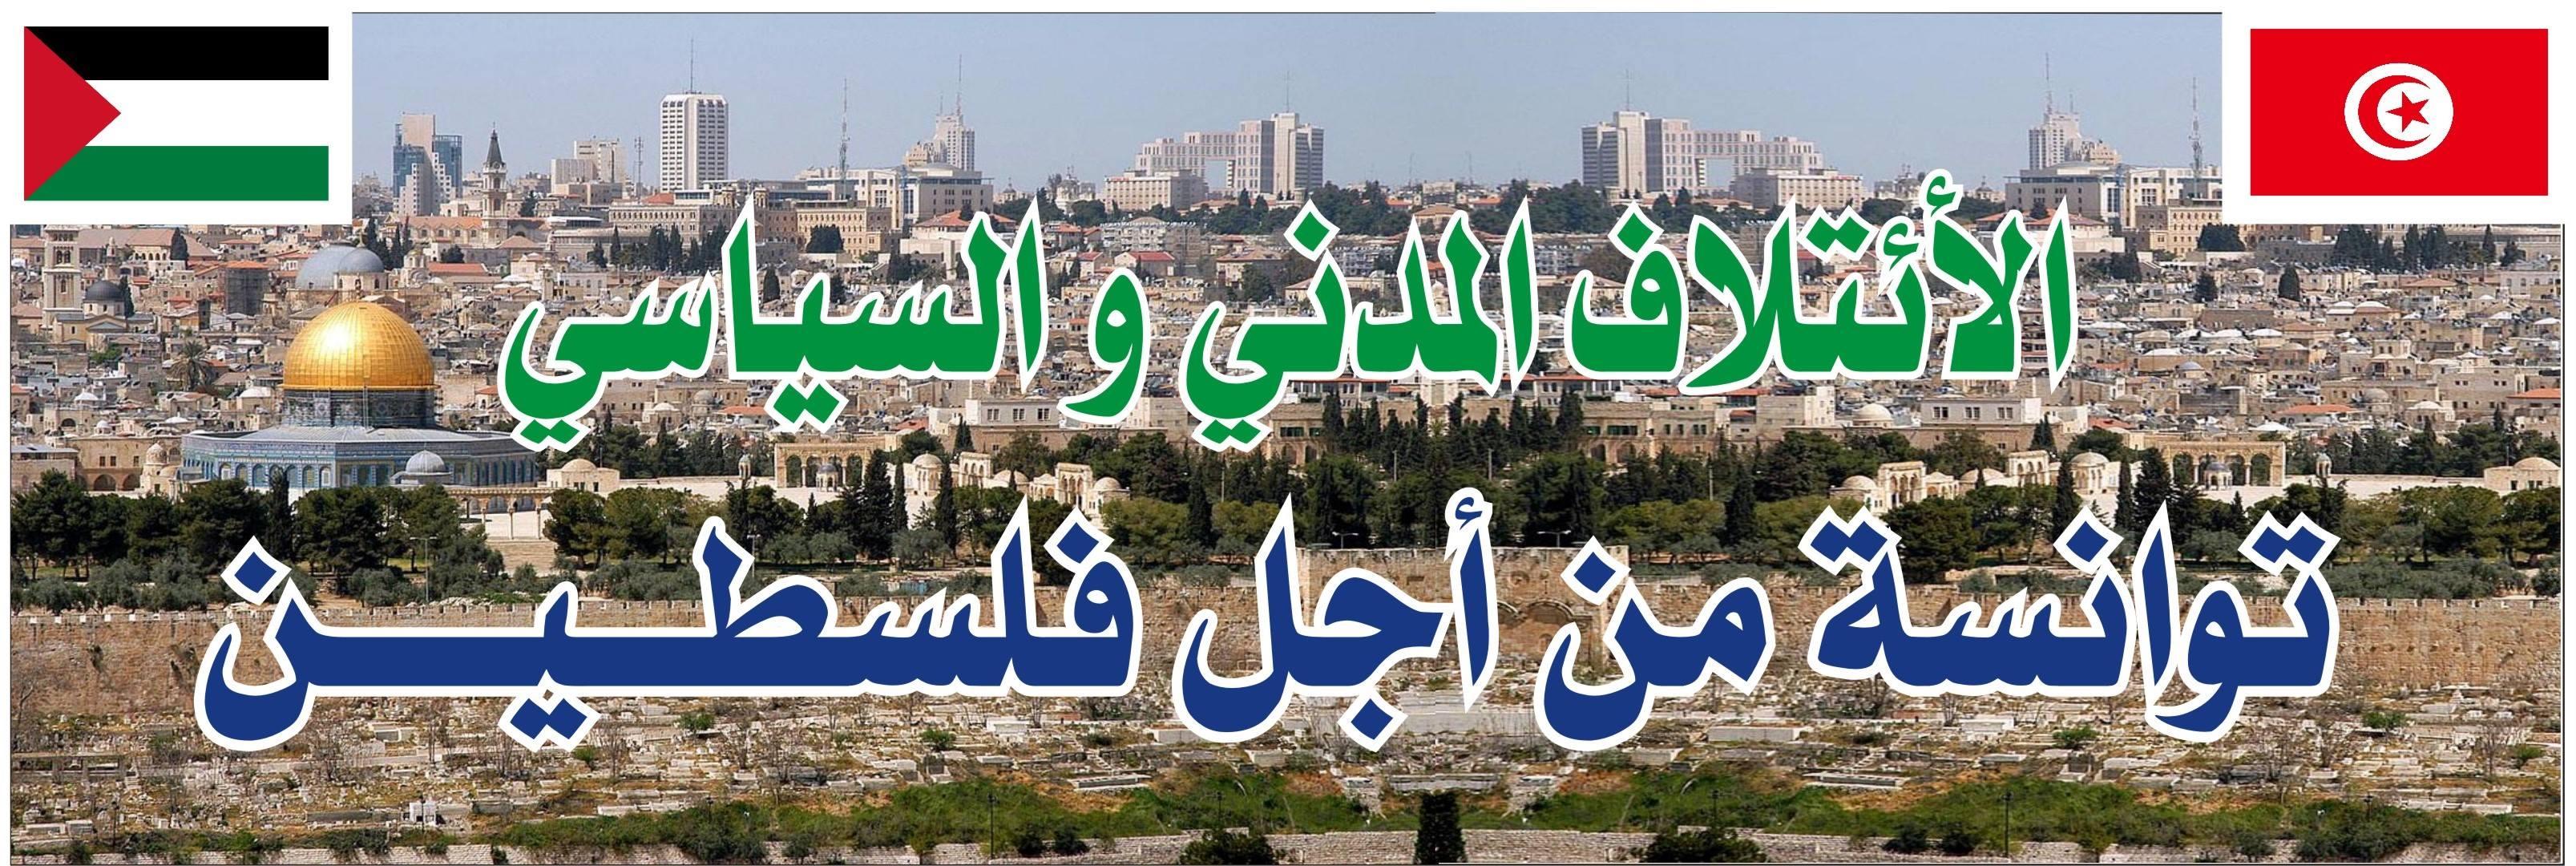 """بسبب تعطيل عرض مشروع قانون تجريم التطبيع : """"توانسة من أجل فلسطين"""" يحتجّون أمام البرلمان"""